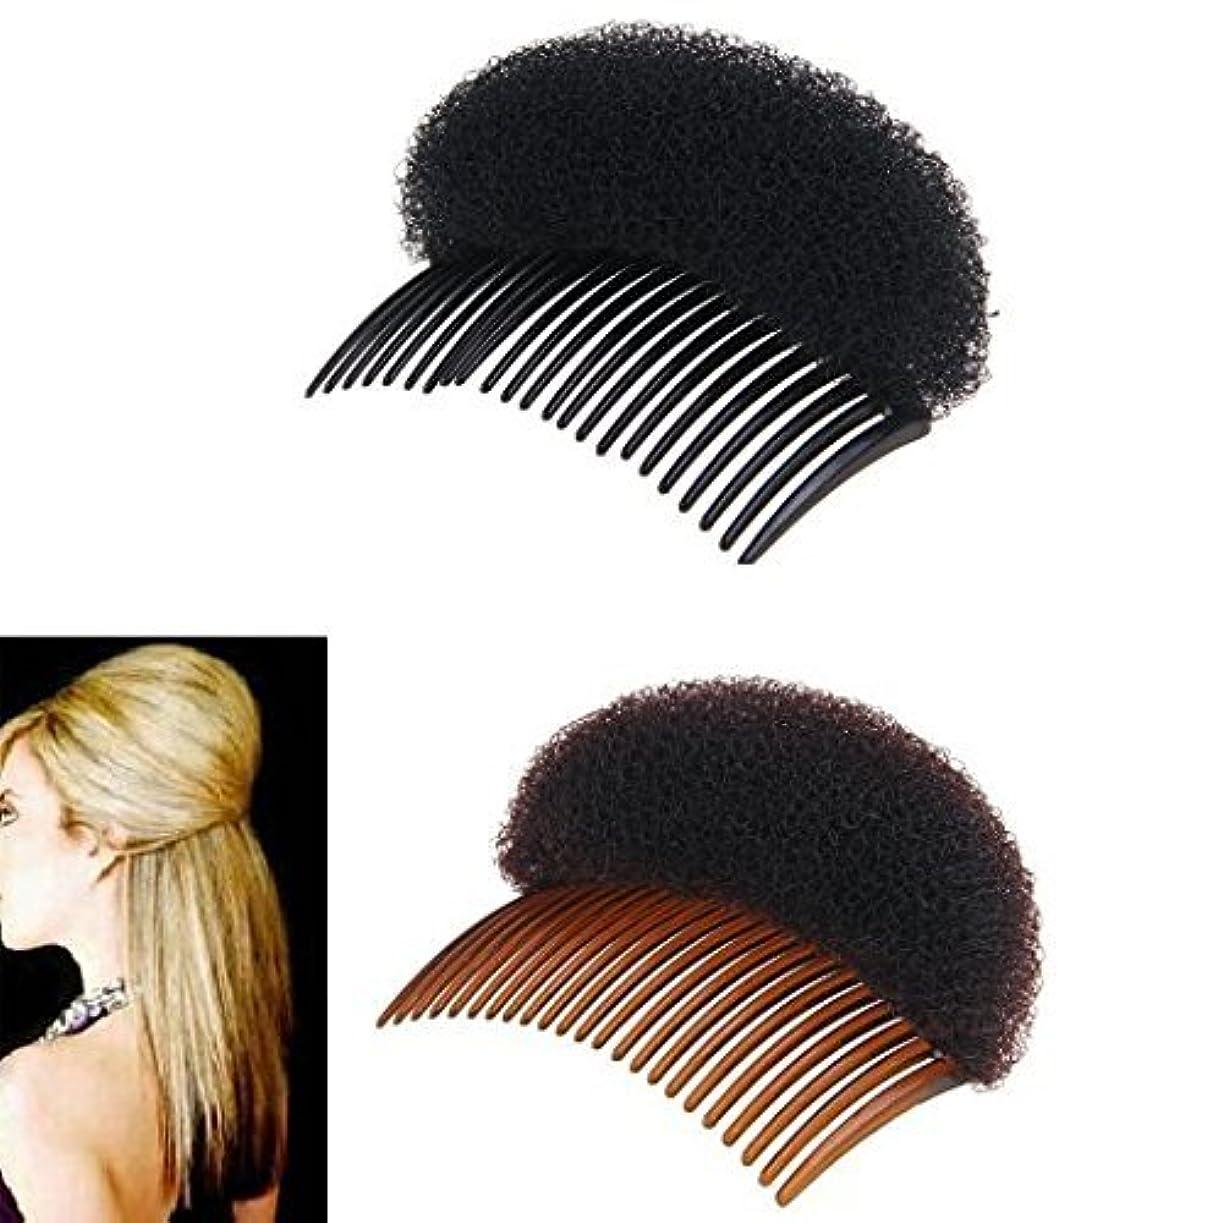 縁石はい場所2Pices(1Black+1Brown) Women Bump It Up Volume Hair Base Styling Clip Stick Bum Maker Braid Insert Tool Do Beehive...